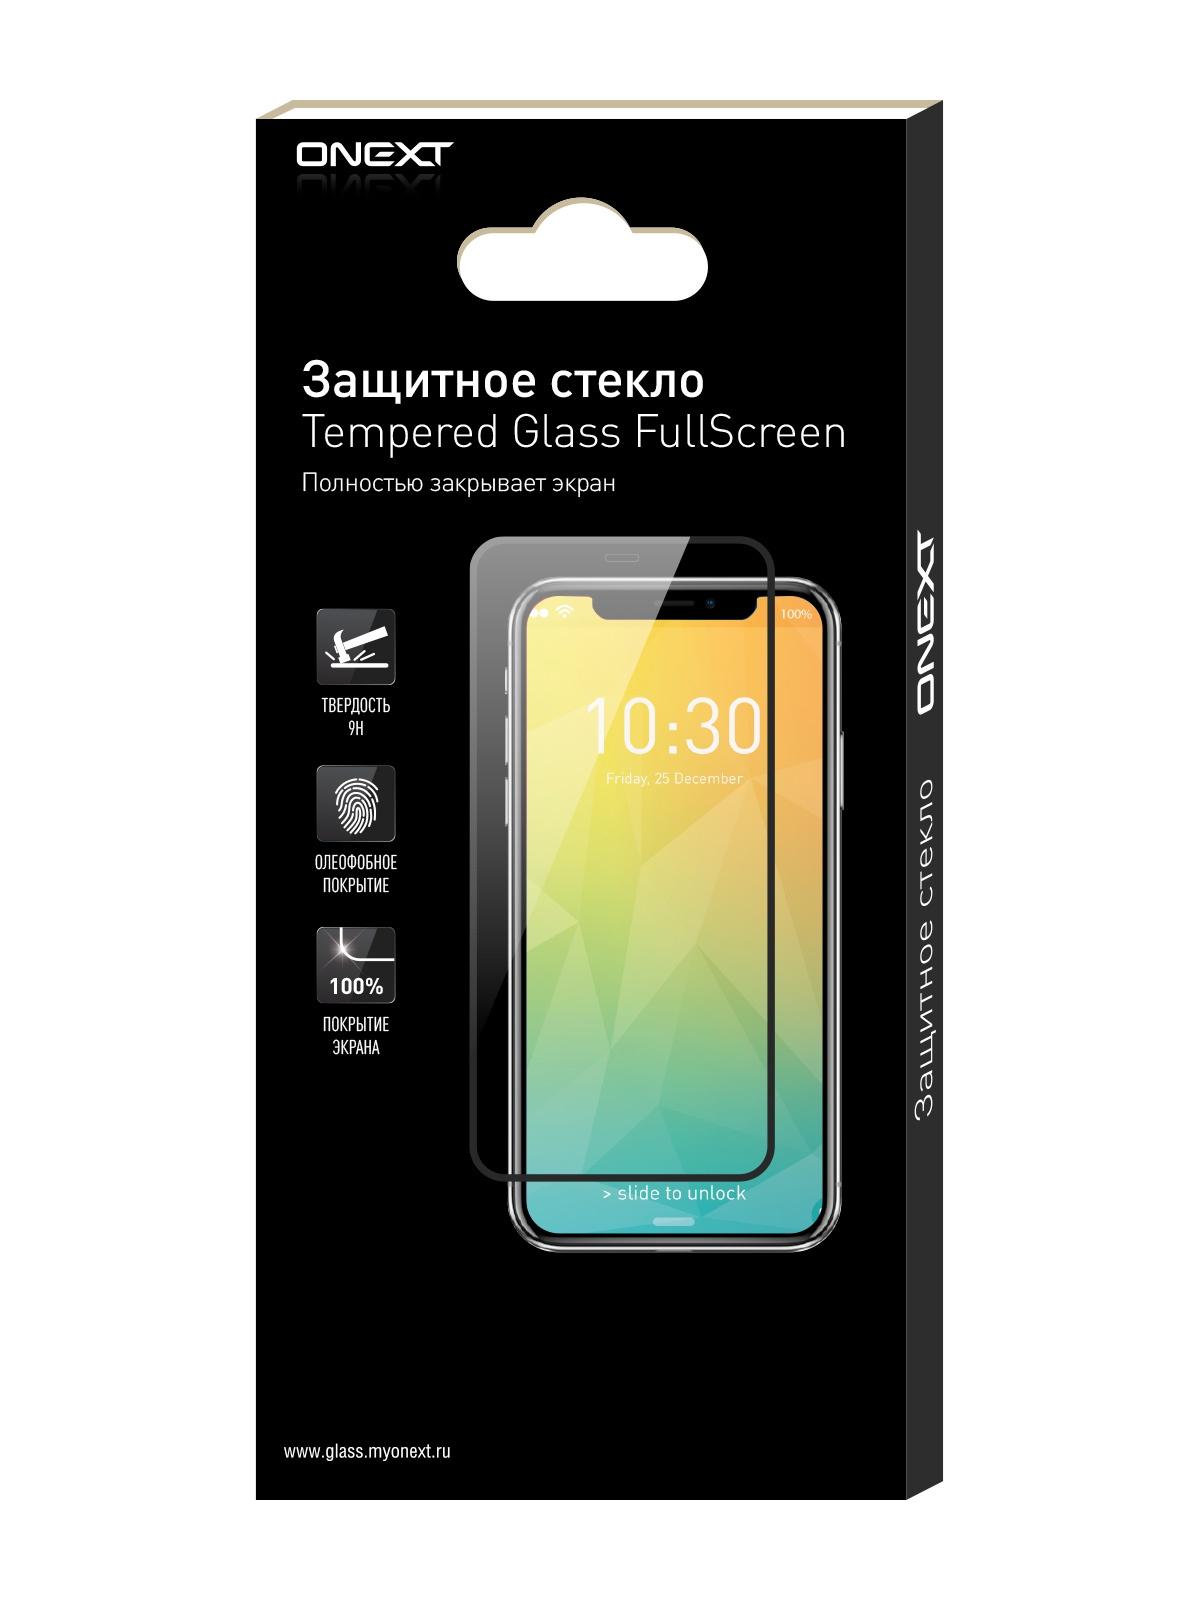 Защитное стекло ONEXT Huawei Nova 2 Plus с рамкой защитное стекло onext для huawei p10 lite 641 41432 с рамкой белый